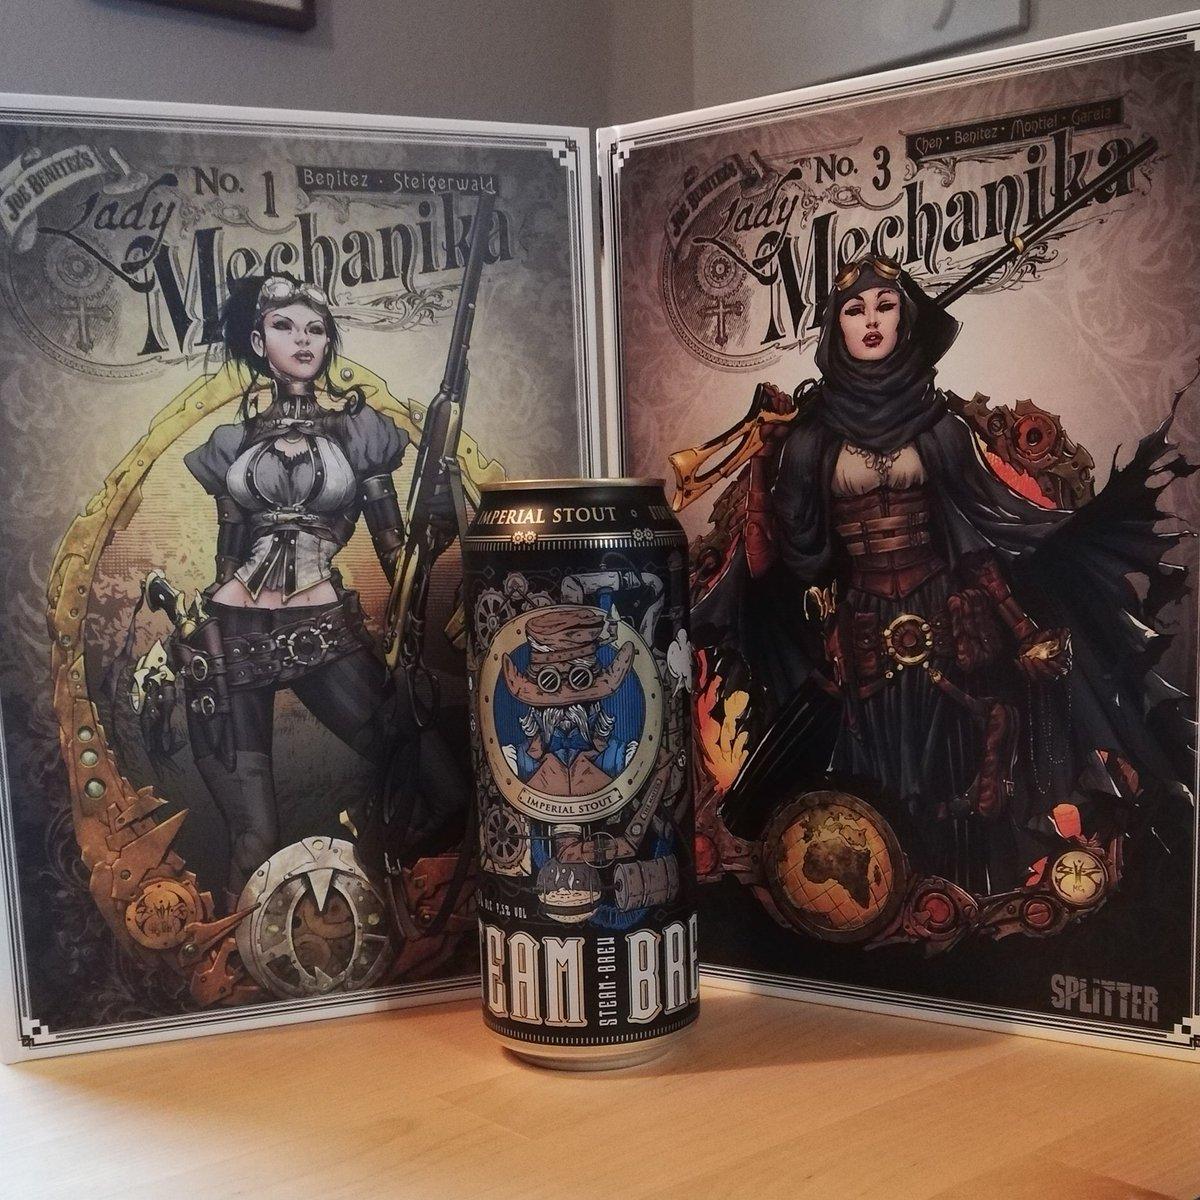 Dieses Steampunk Bier passt einfach zu gut zu Lady Mechanika. Nächste Woche endlich den neuen Band holen #steampunk #LadyMechanika #bier